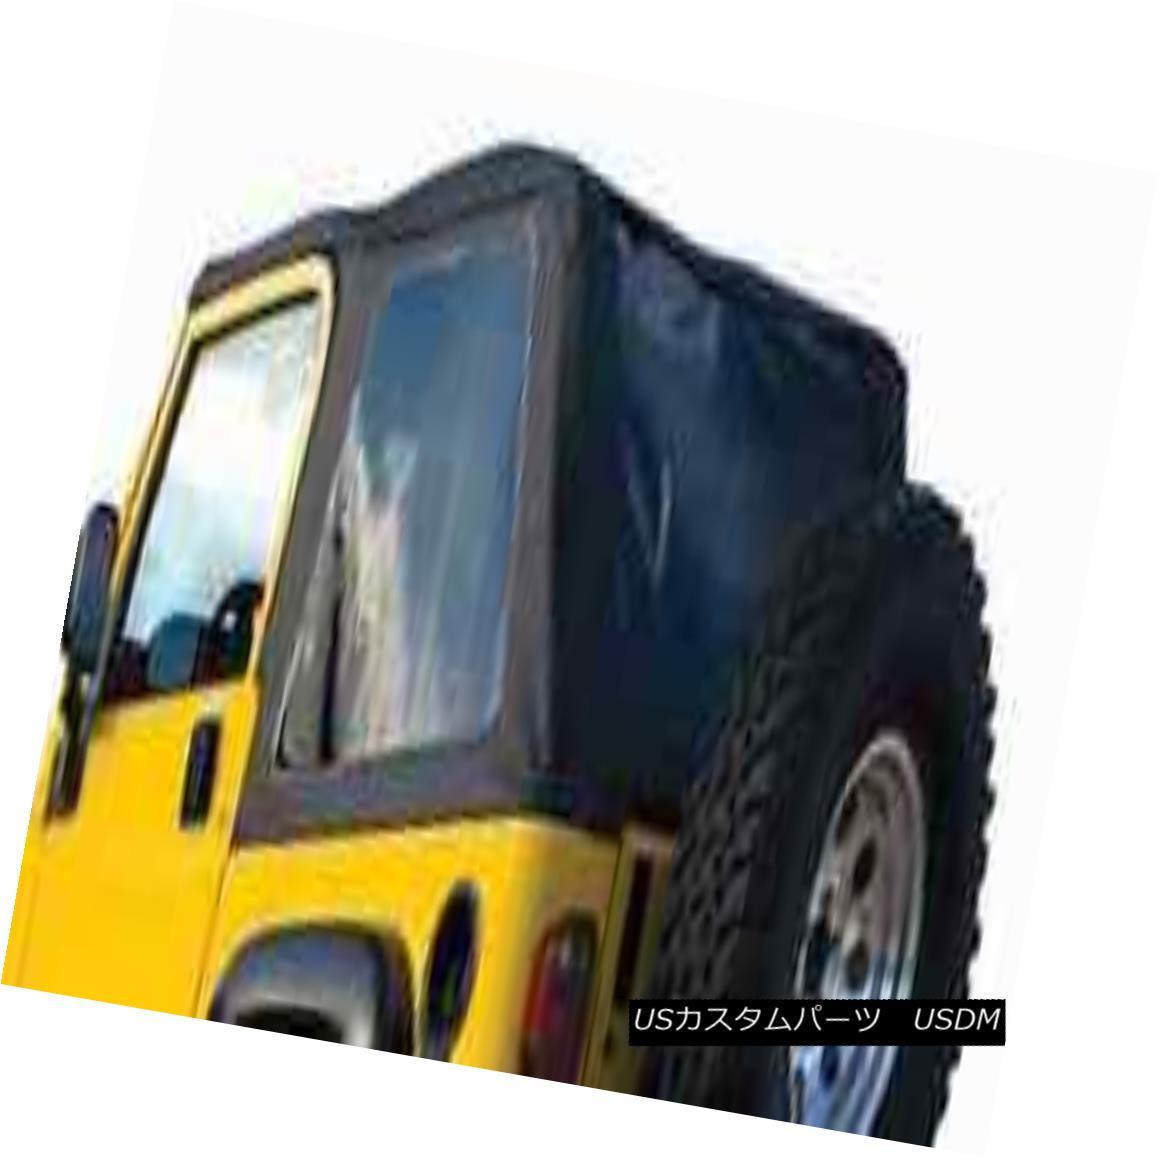 幌・ソフトトップ Rampage 109517 Frameless Trail Soft Top Spice for 1997-2006 Jeep Wrangler TJ 暴れ109517フレームレストレイルソフトトップスパイス1997-2006ジープラングラーTJ